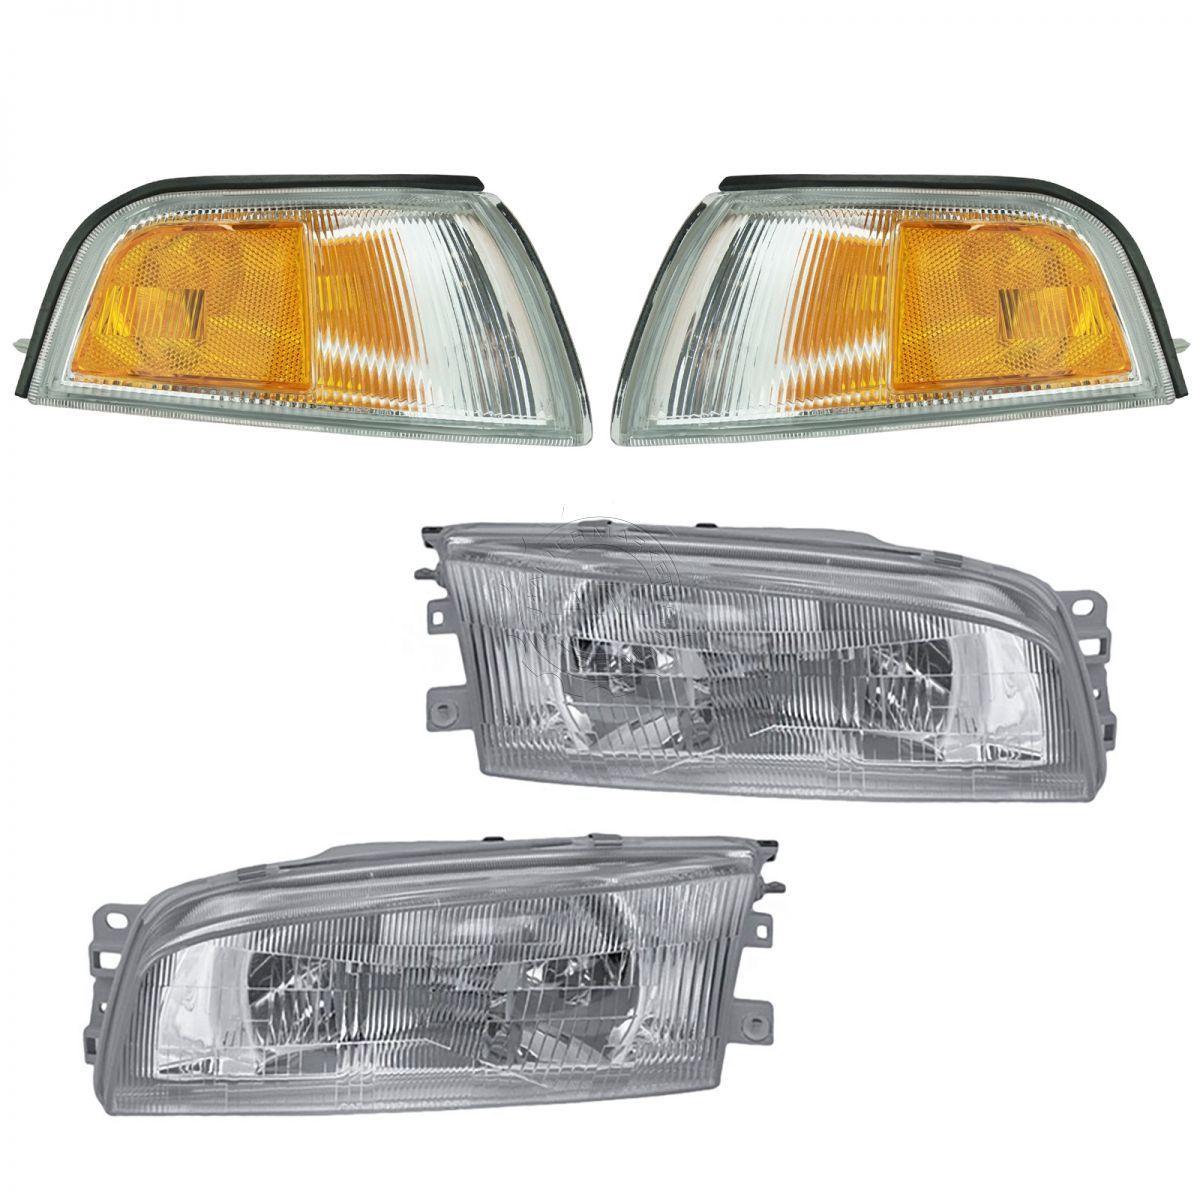 コーナーライト Headlights Lamps Corner Turn Signals Set of 4 for 97-02 Mitsubishi Mirage Sedan ヘッドライトランプコーナーターンシグナル97-02三菱ミラージュセダン用4個セット